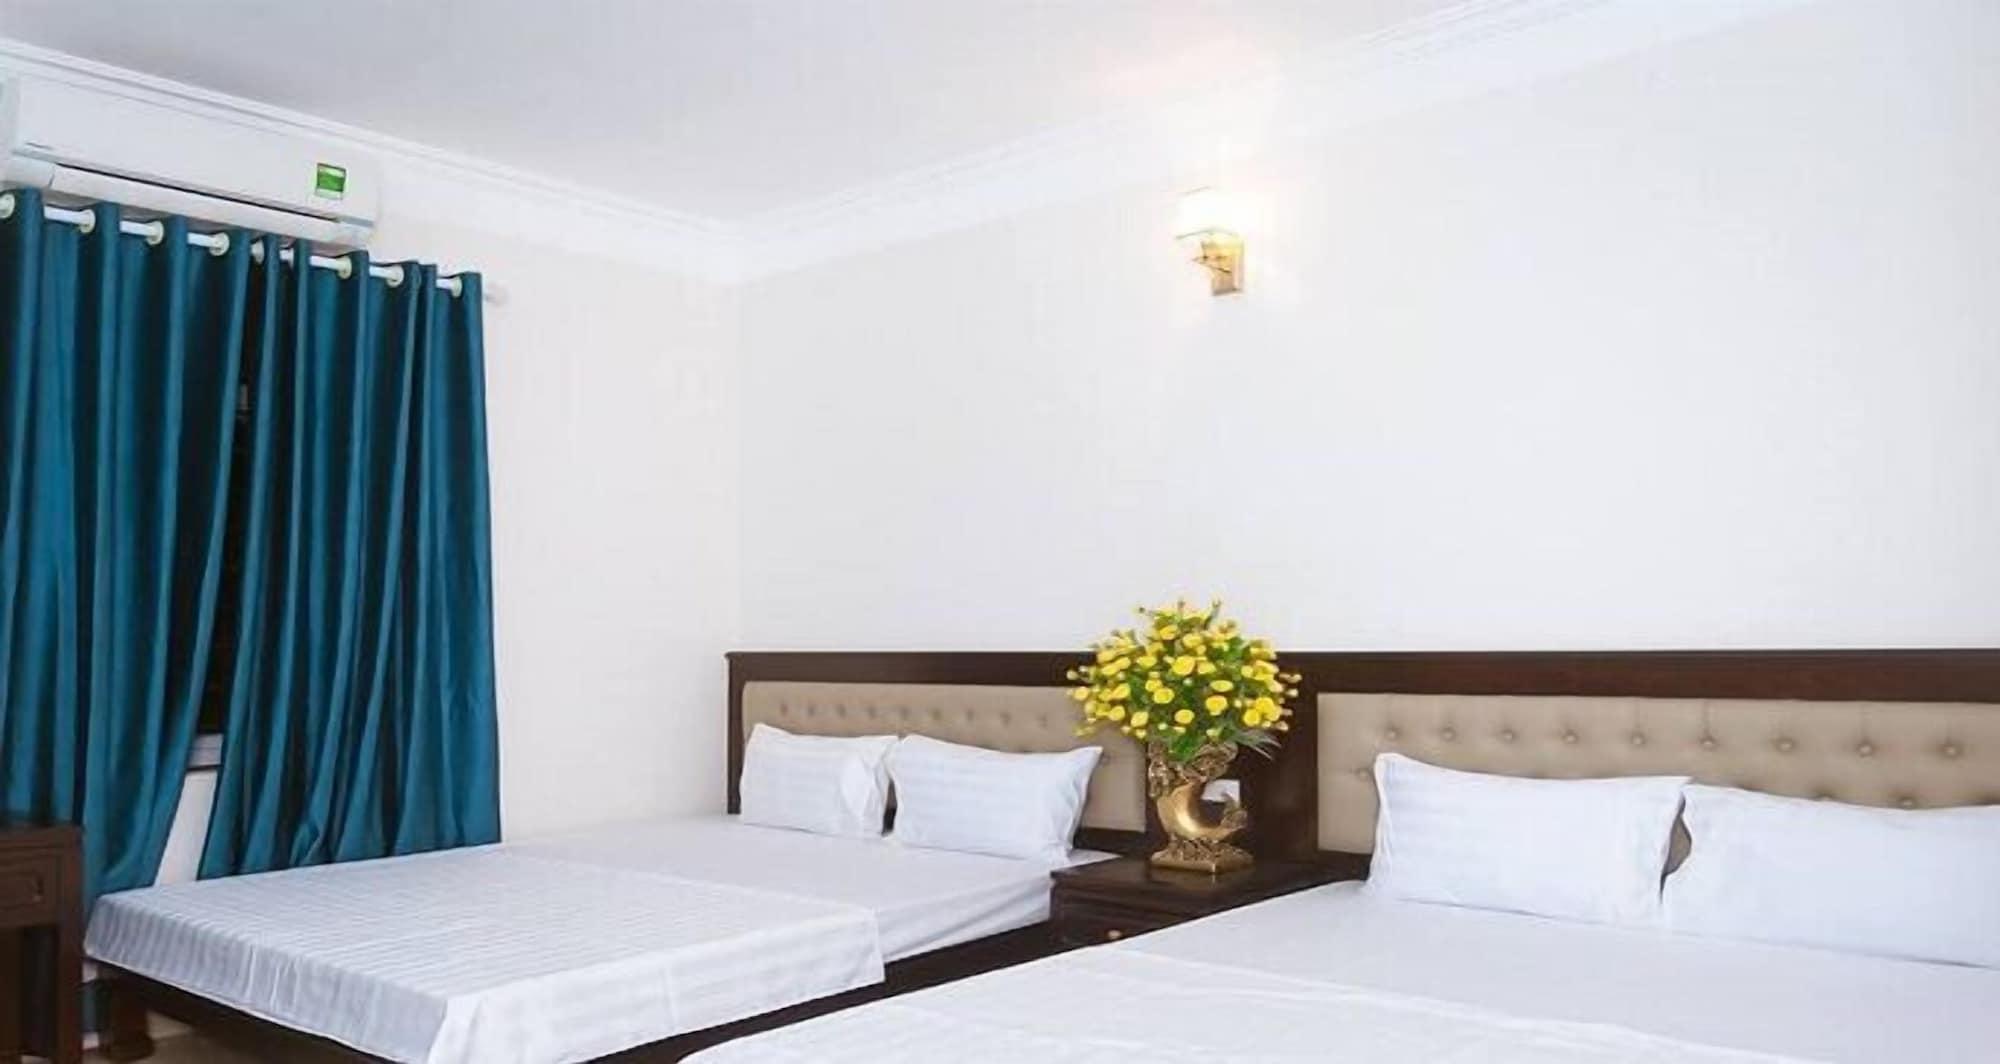 ZO Hotels Nguyen Truong To, Ba Đình